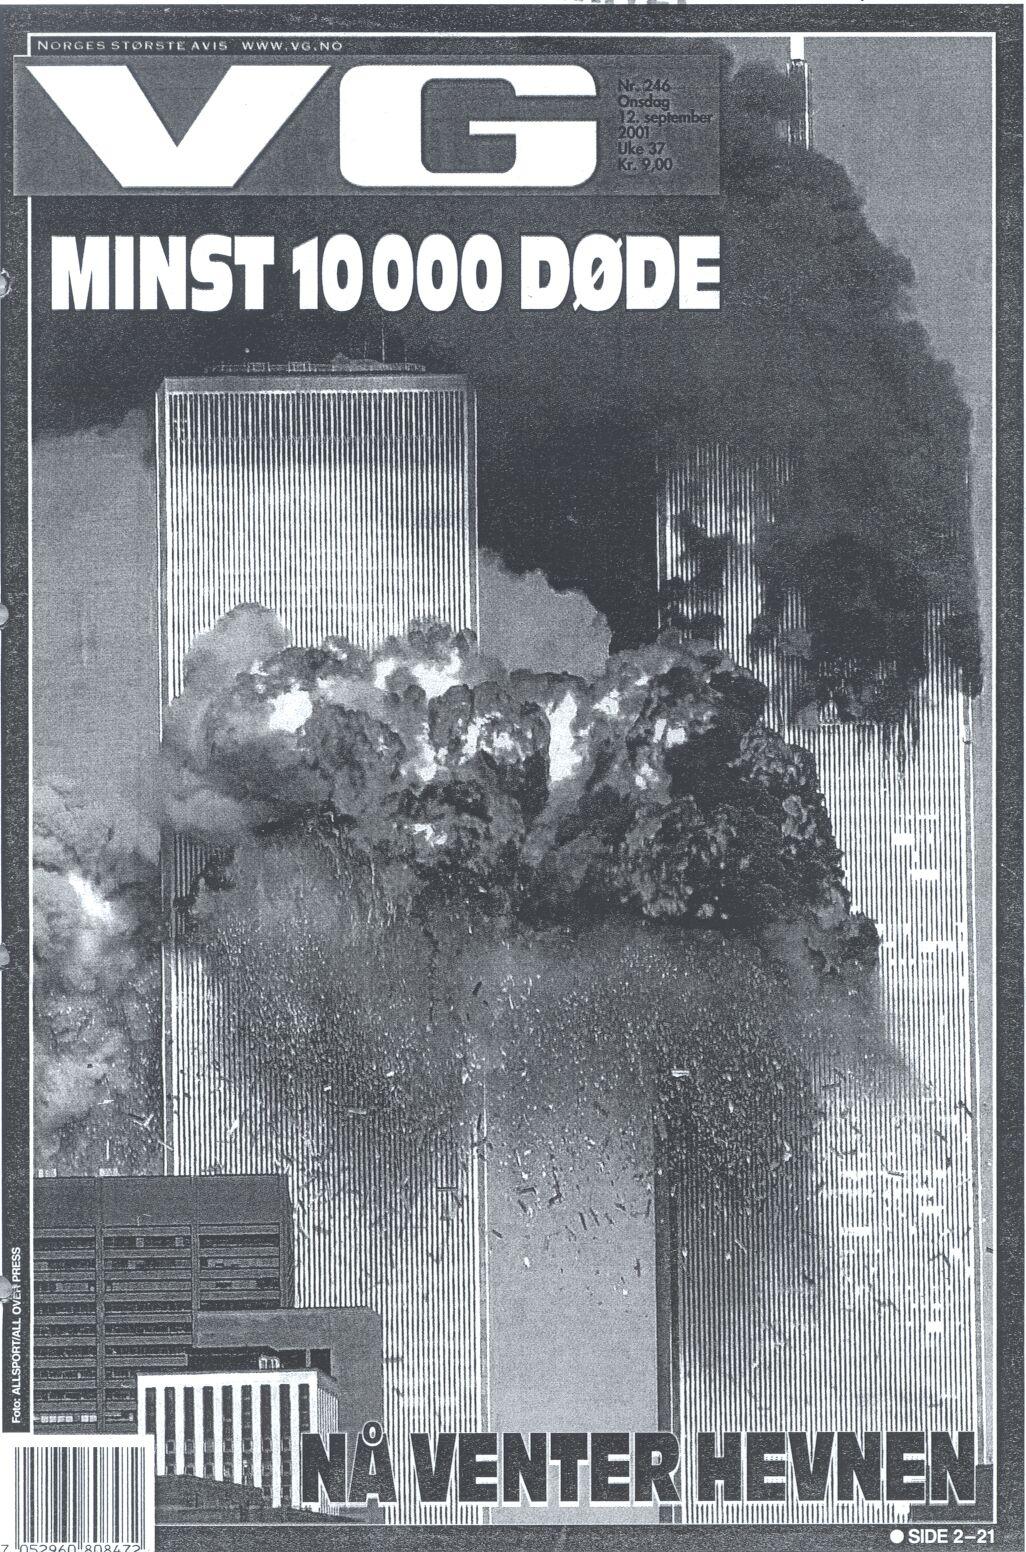 Billede 2. Forsiden af den norske avis VG, 12. september 2001